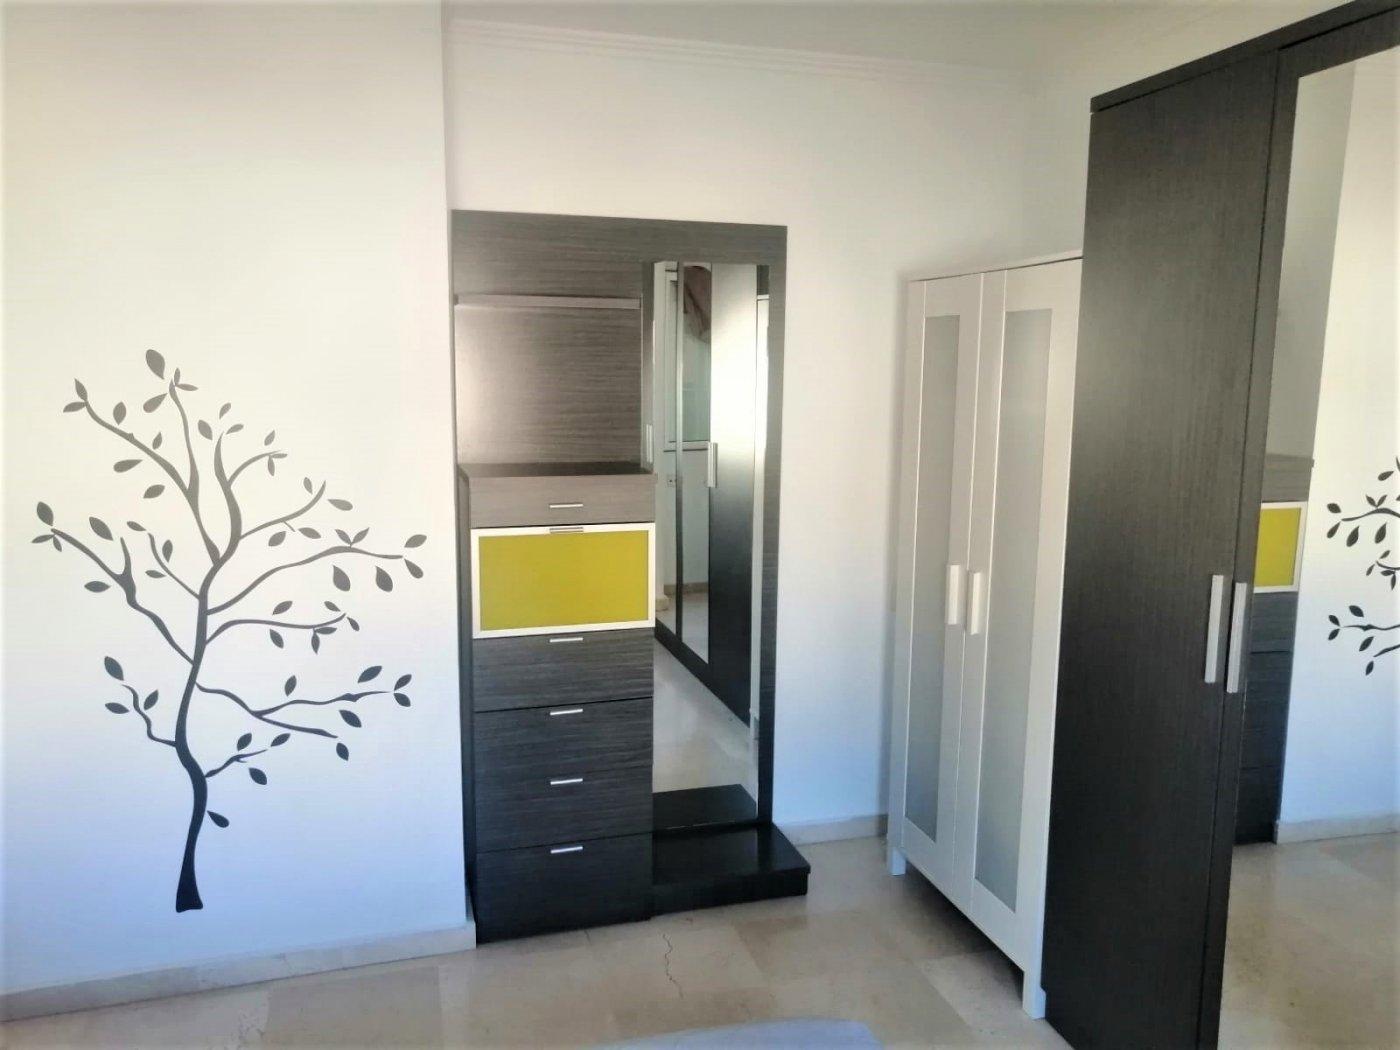 Apartamento · Antigua · CALETA DE FUSTE 99.000€€